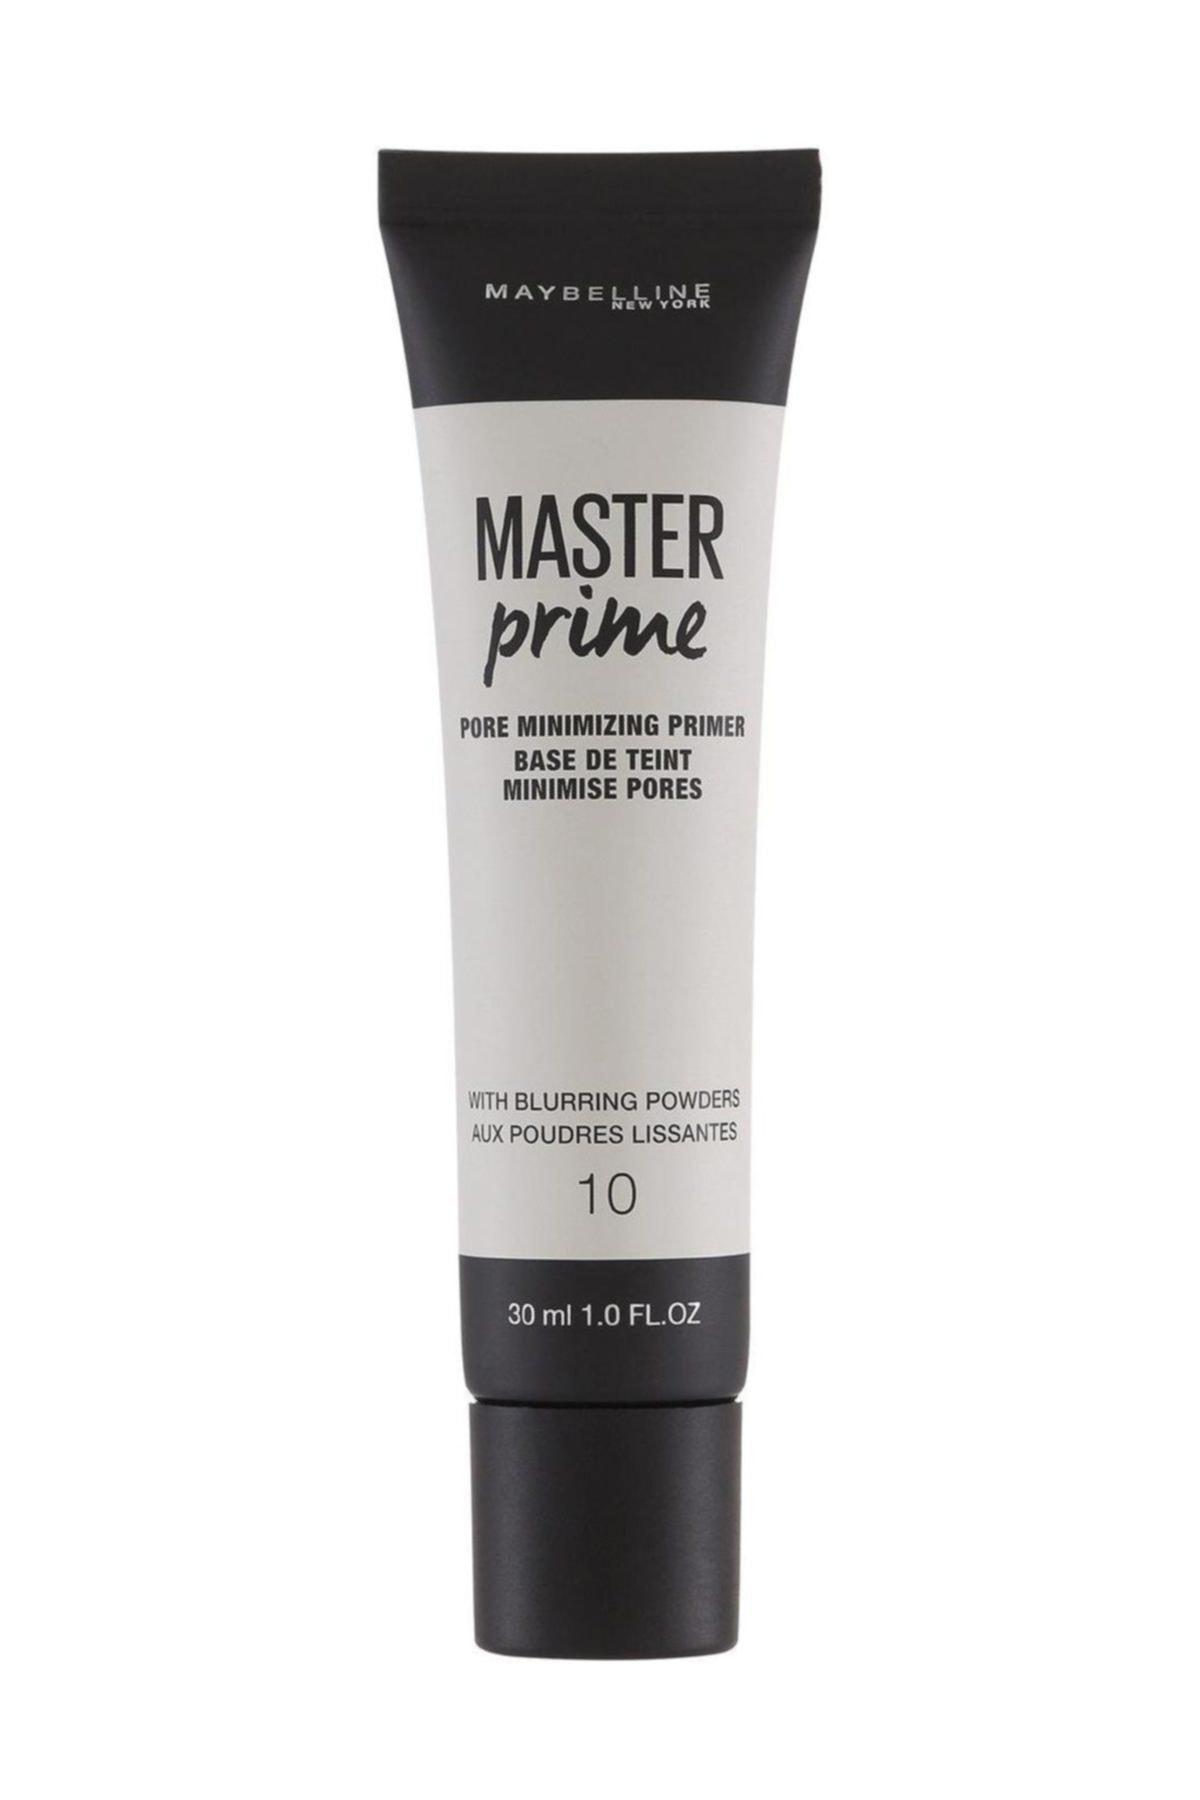 Maybelline New York Gözenek Gizleyici Makyaj Bazı - Face Studio Hydrating Primer 30 ml 1